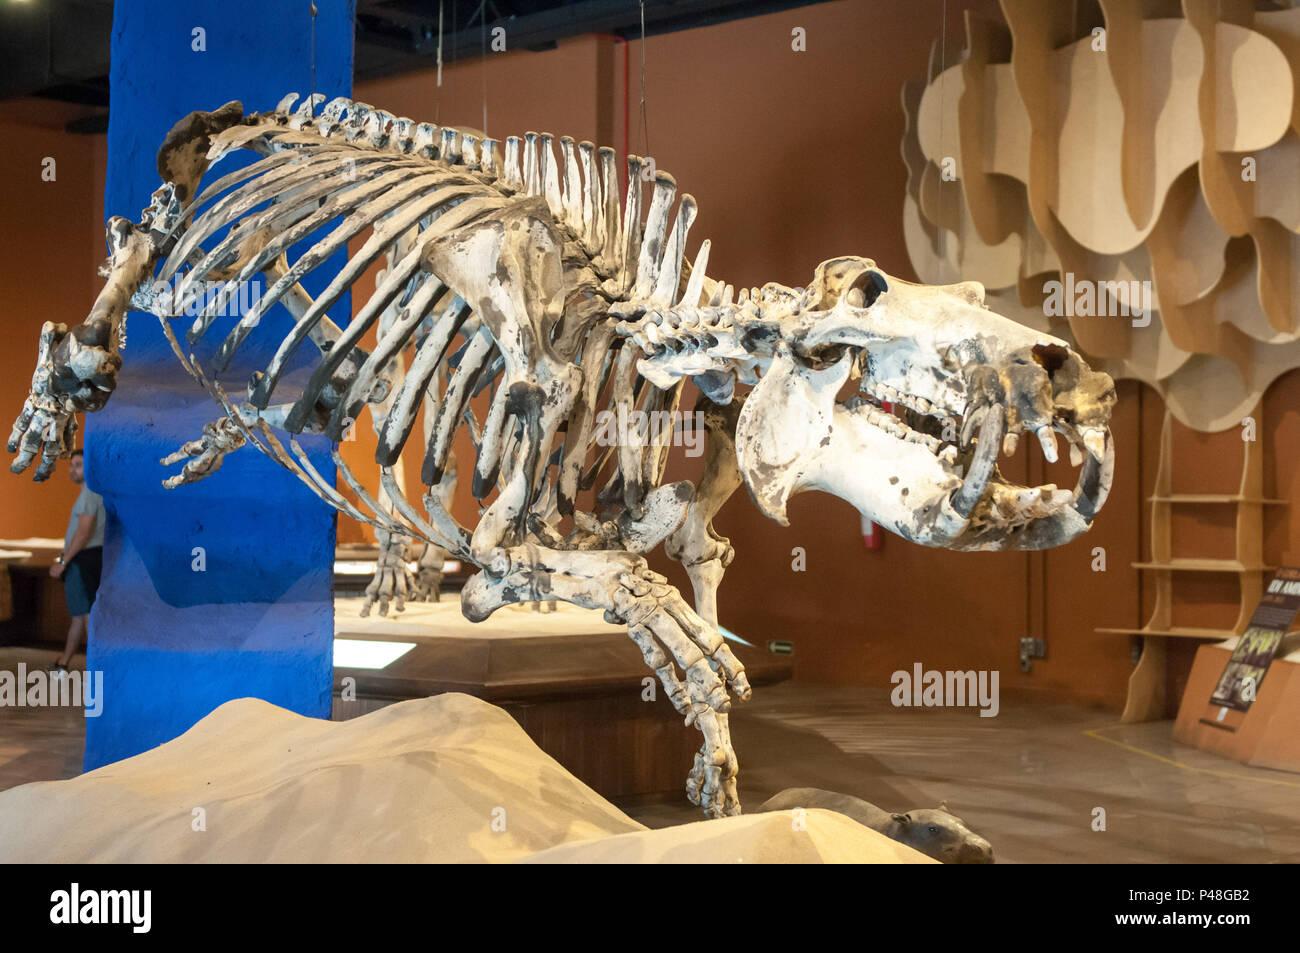 BELO HORIZONTE, MG - 23.07.2015: Museu de Ciências Naturais - PUC MINAS - Coração Eucarístico - BH - MG. (Foto: Mourão Panda / Fotoarena) Stock Photo